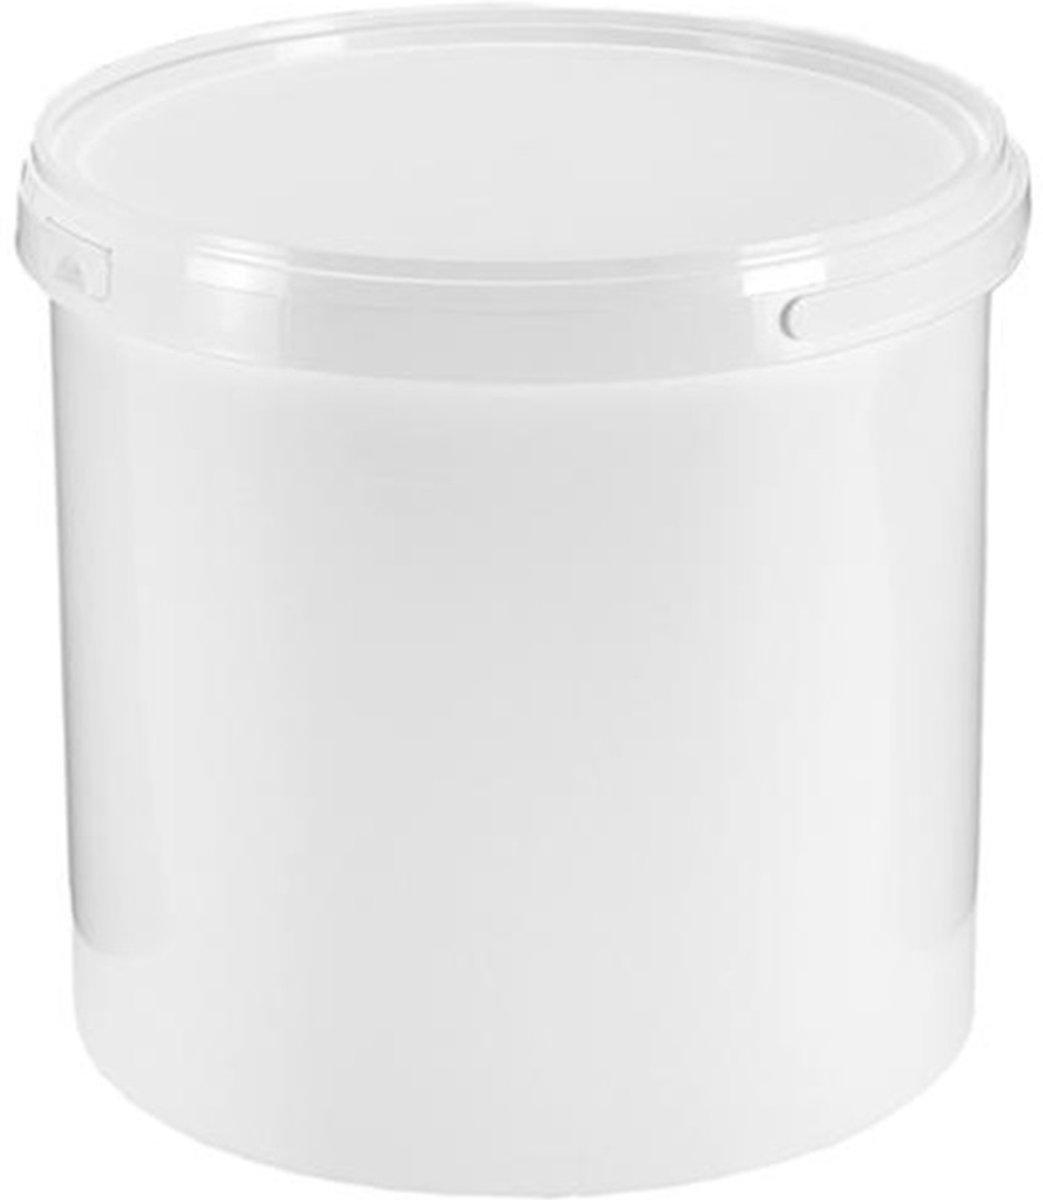 Emmer 8,7 liter Ø234mm. Wit met deksel. 6 stuks kopen